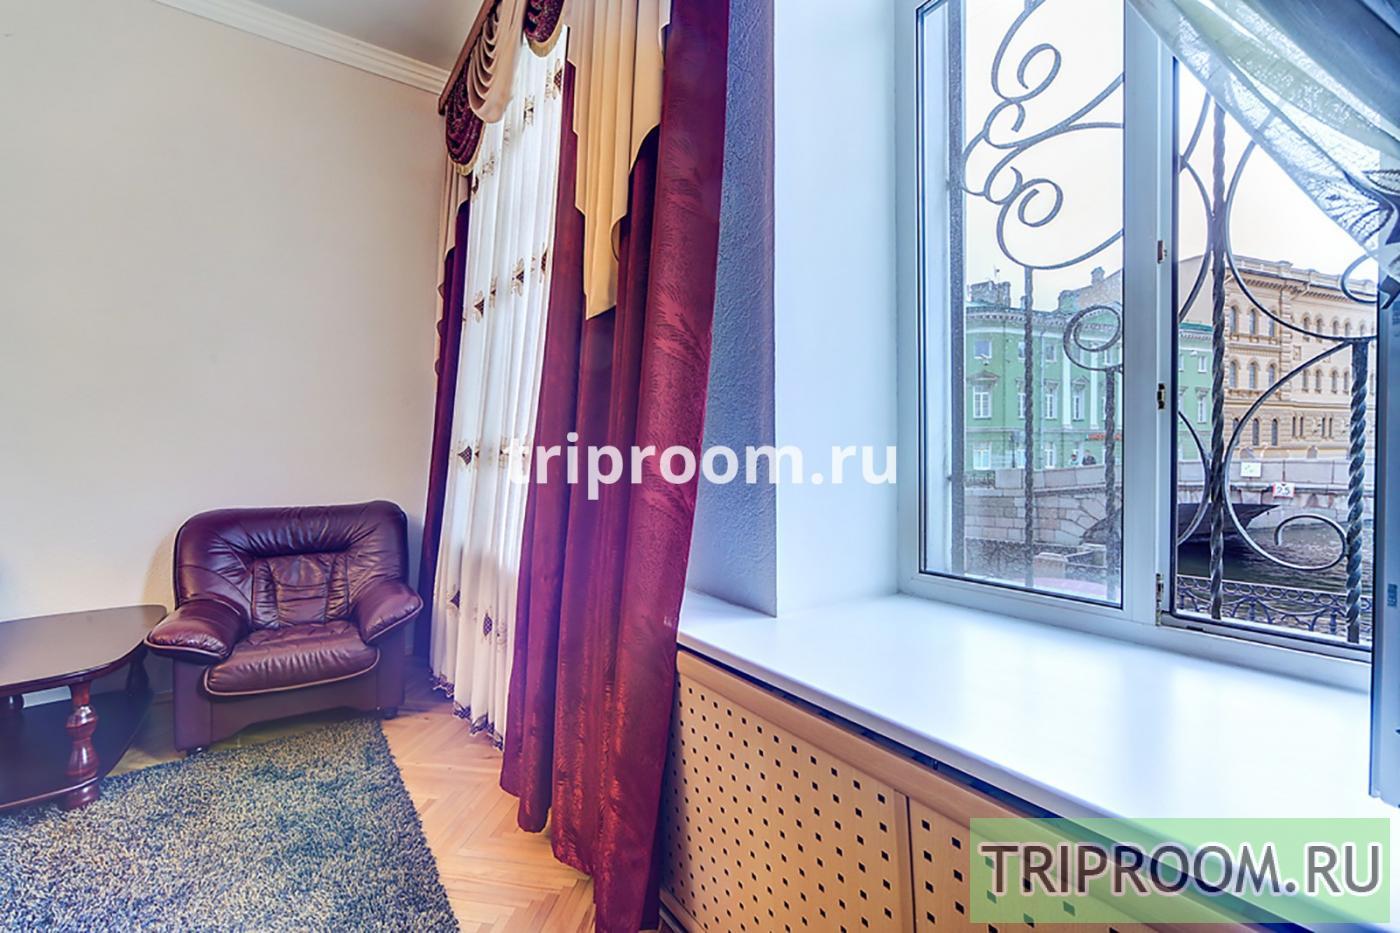 4-комнатная квартира посуточно (вариант № 20160), ул. Реки Мойки набережная, фото № 6